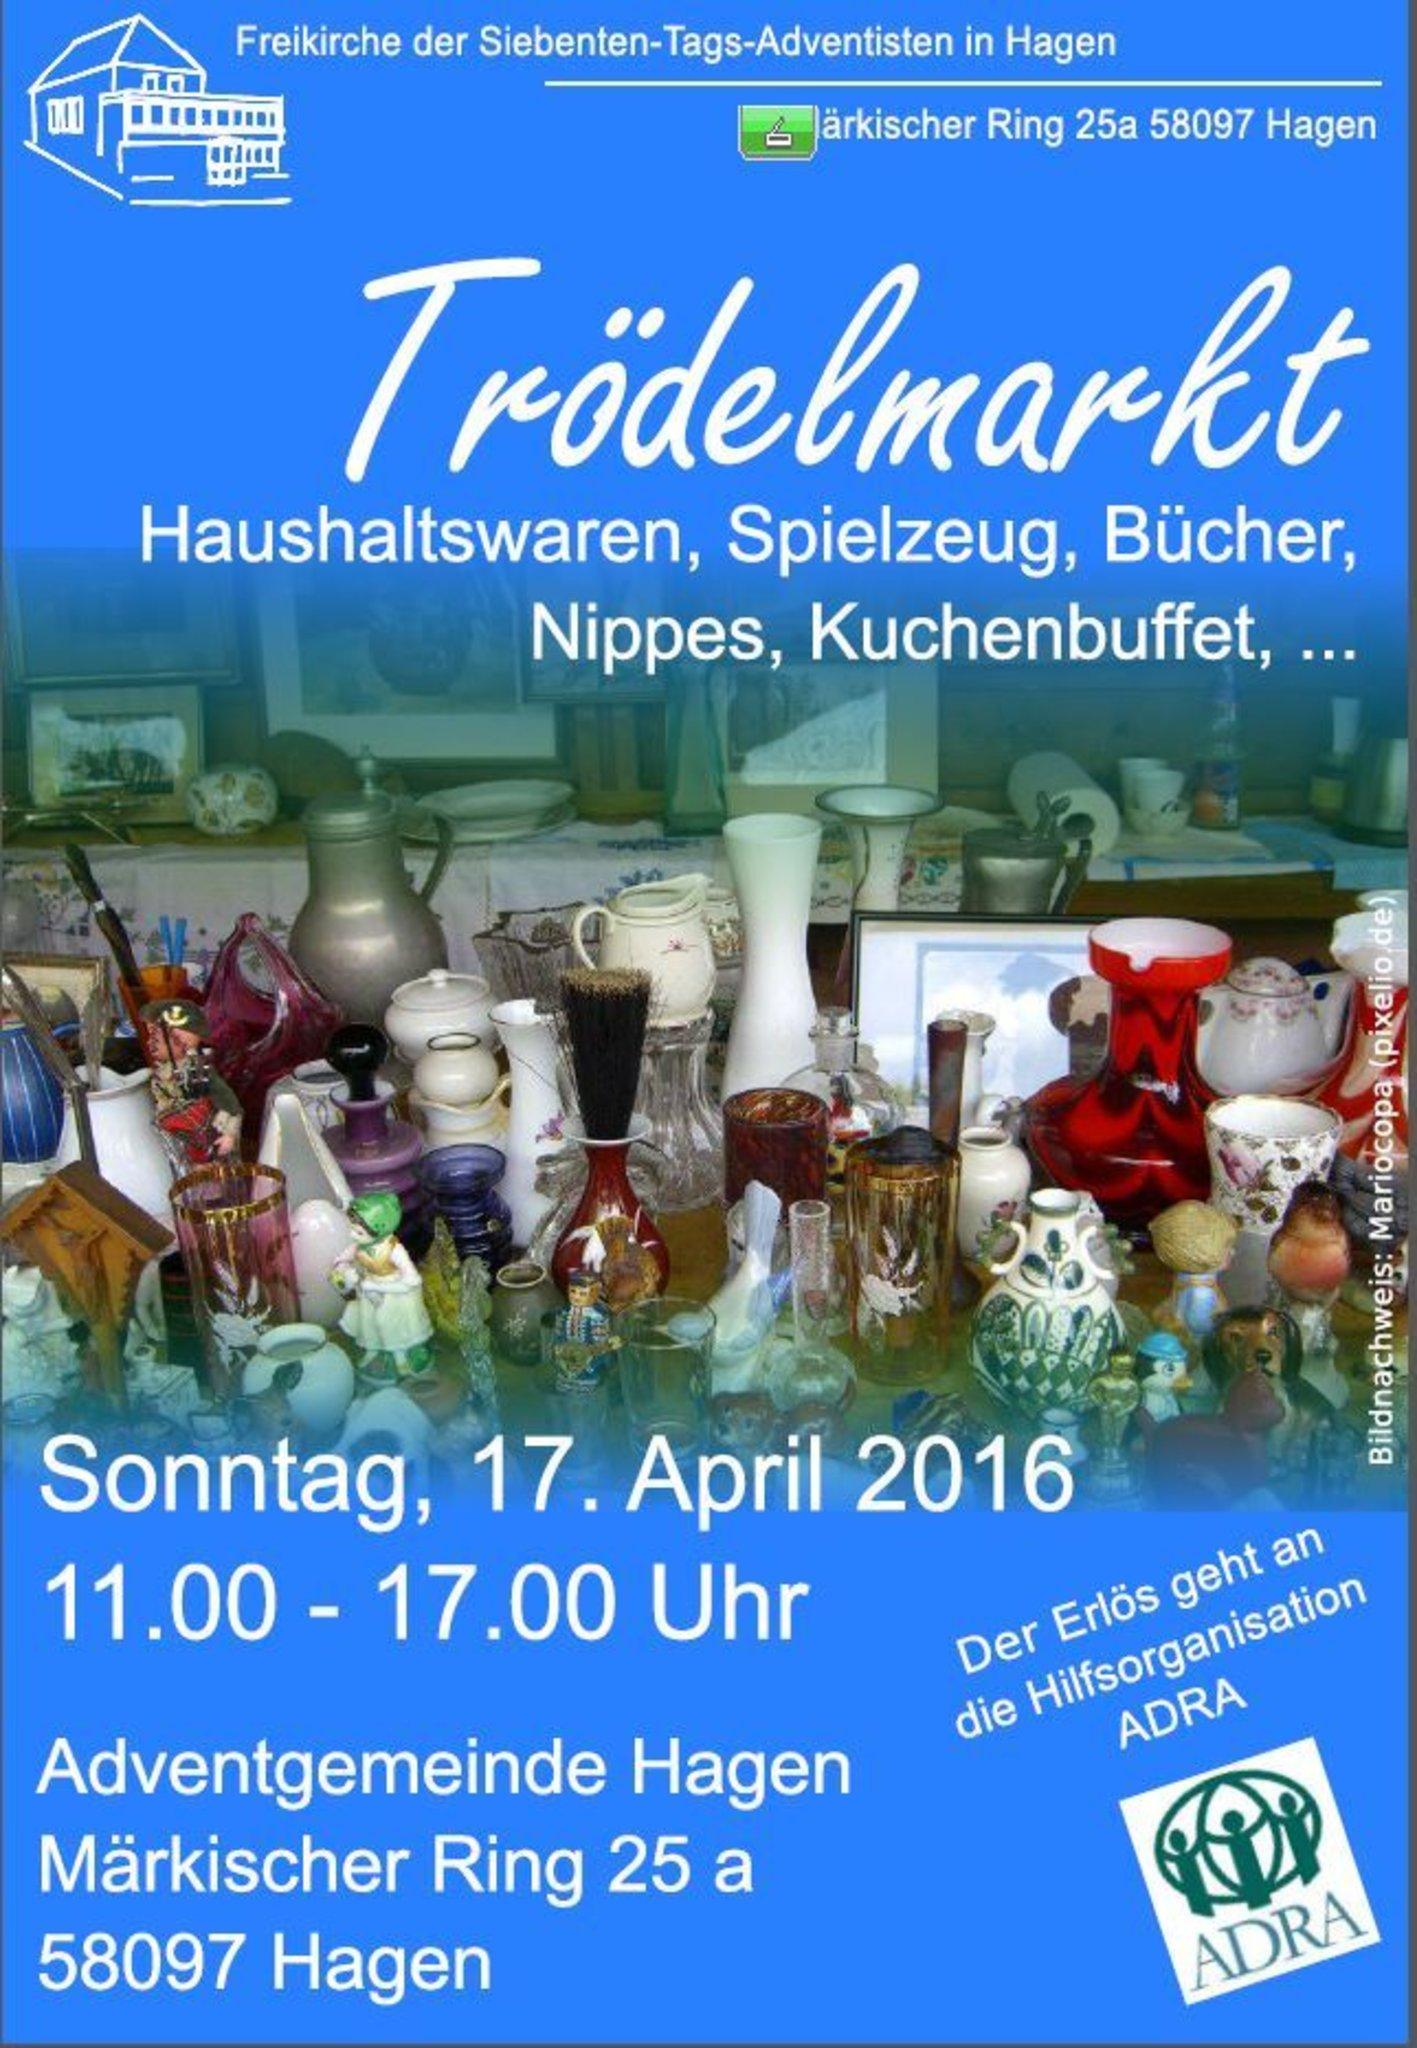 Trödelmarkt in der Adventgemeinde Hagen am 17.4.2016